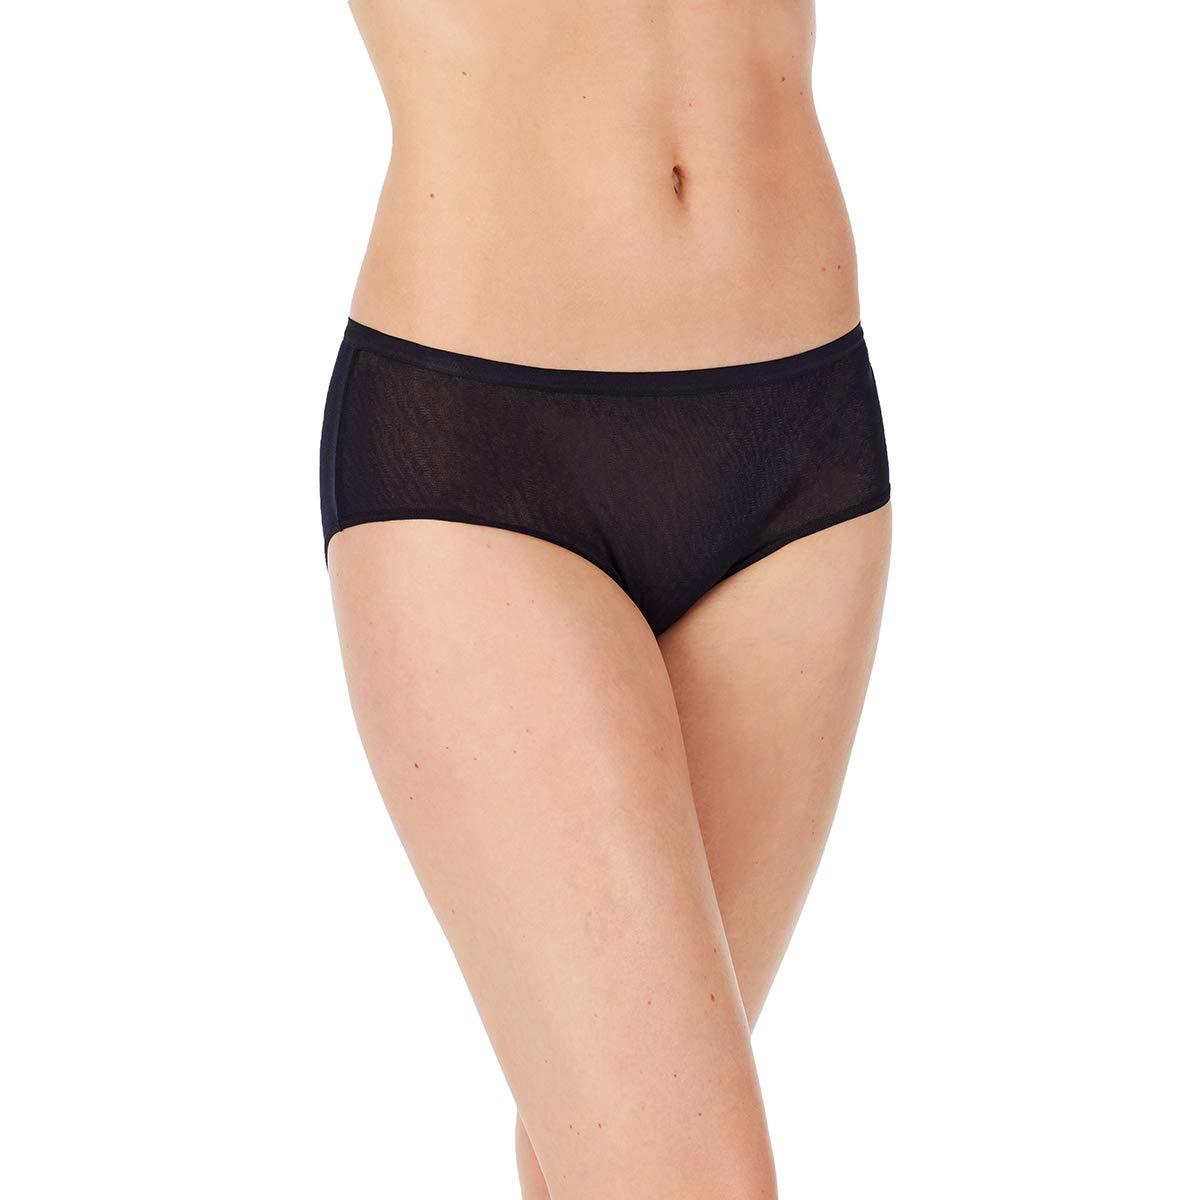 OnGossamer Women's Gossamer Mesh Boyshort Panty, Full Coverage, All Day Comfort